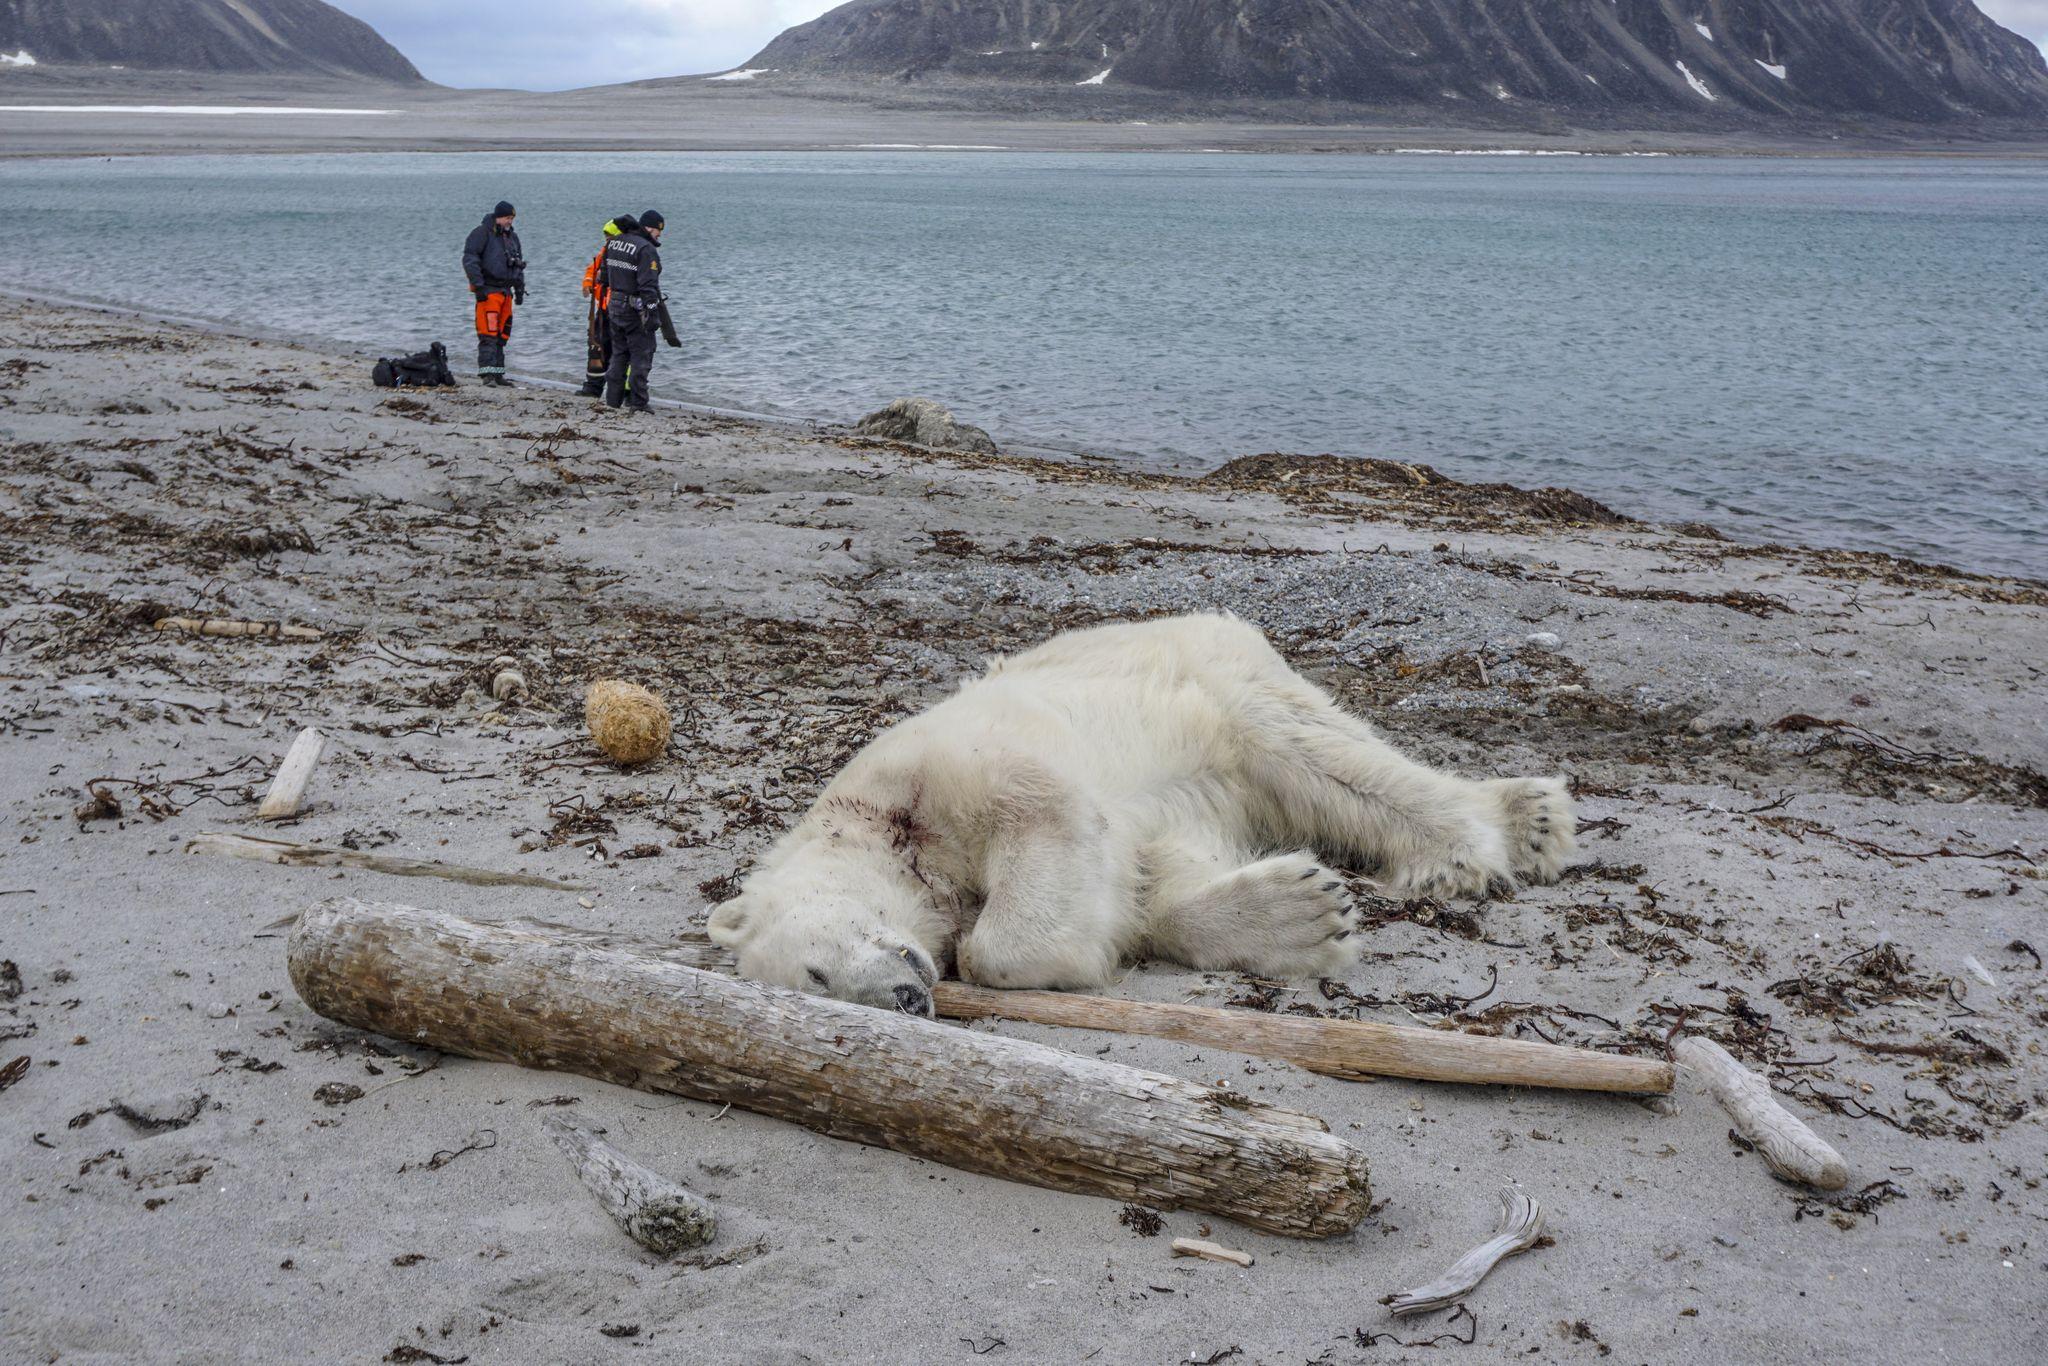 Un ours polaire abattu au Svalbard après avoir attaqué un homme